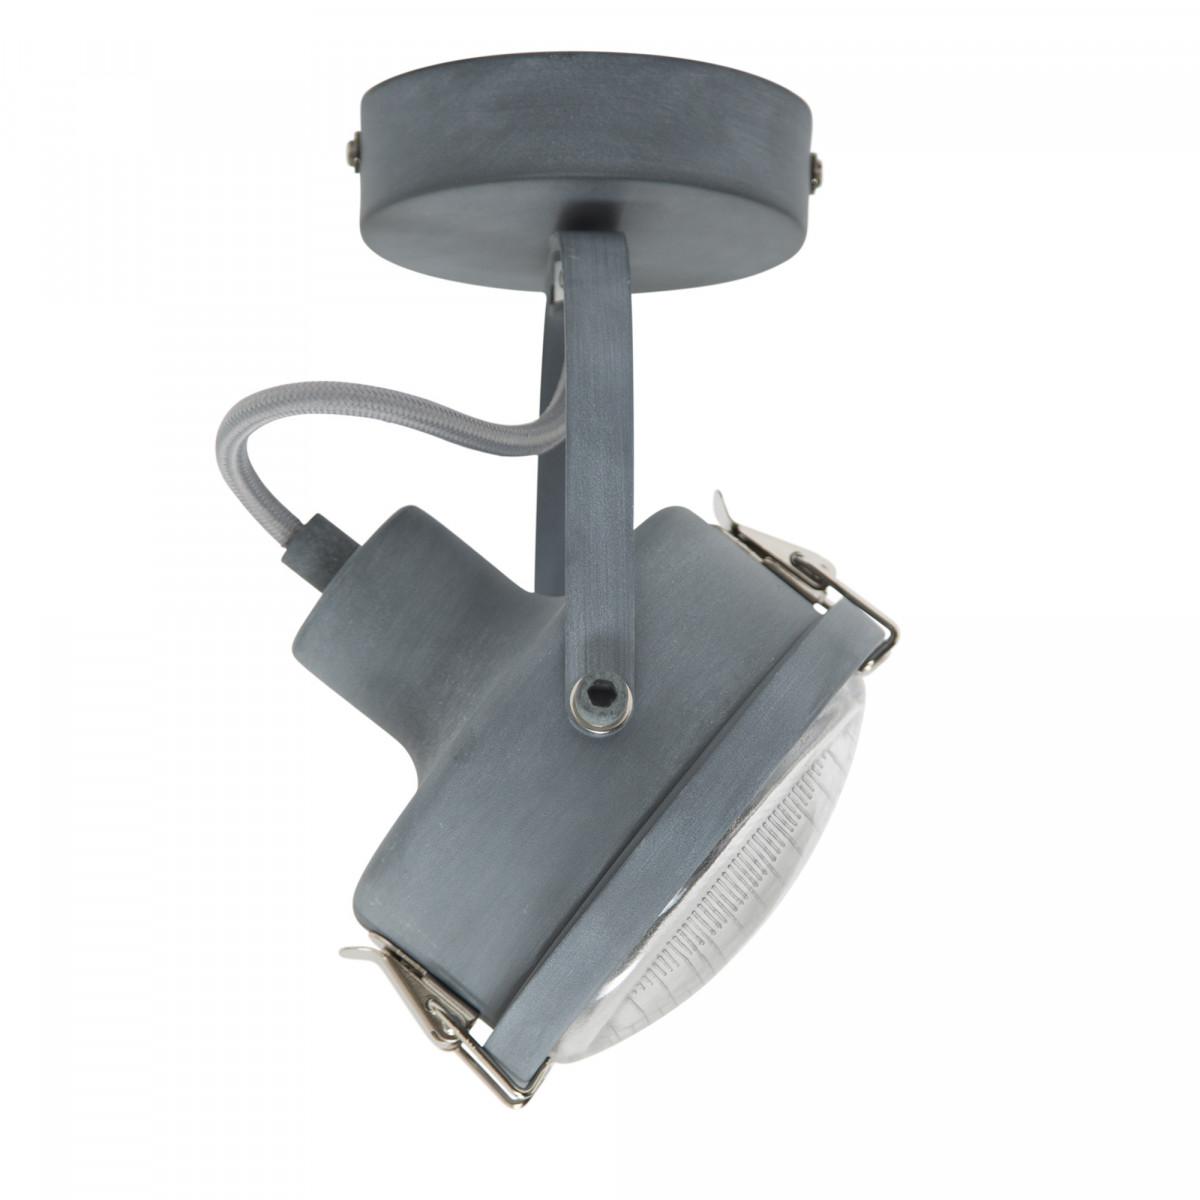 Wohnraumleuchten - Strahler - Spots - Satellite 1 spot grau - Deckensot - Nostalux